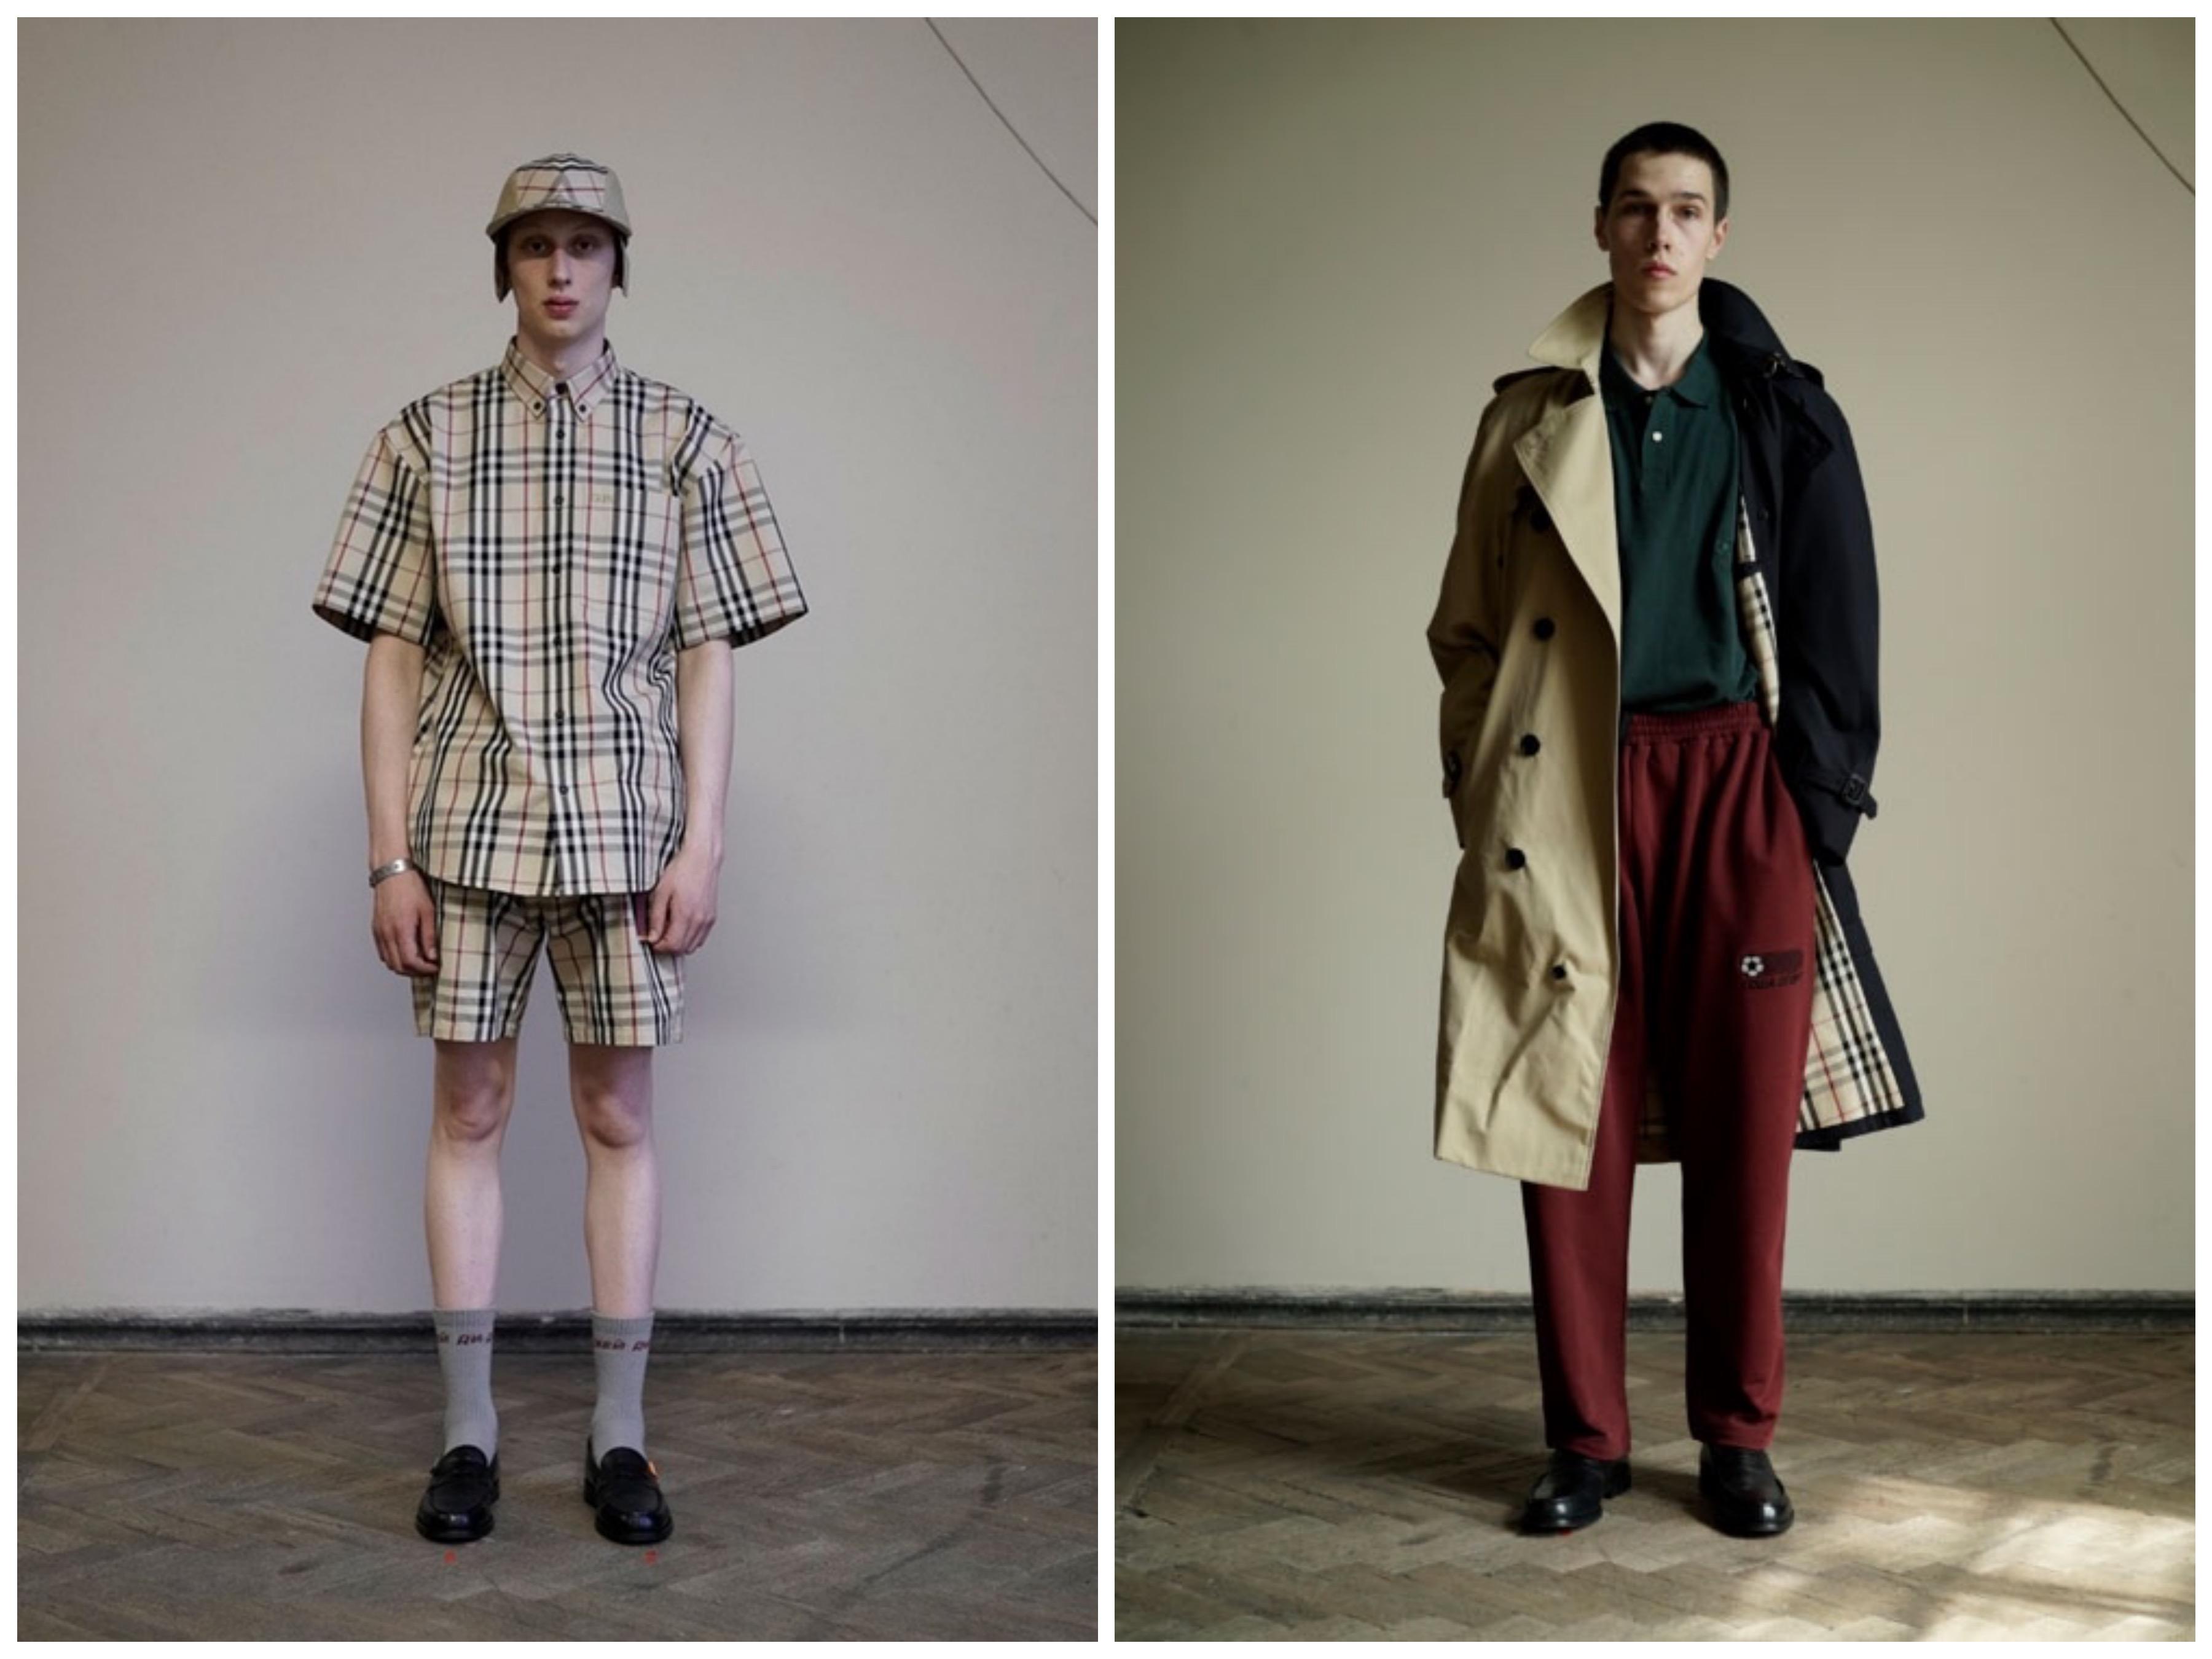 Kollasj av to modeller som er iført Gosha Rubchinskiy x Burberry